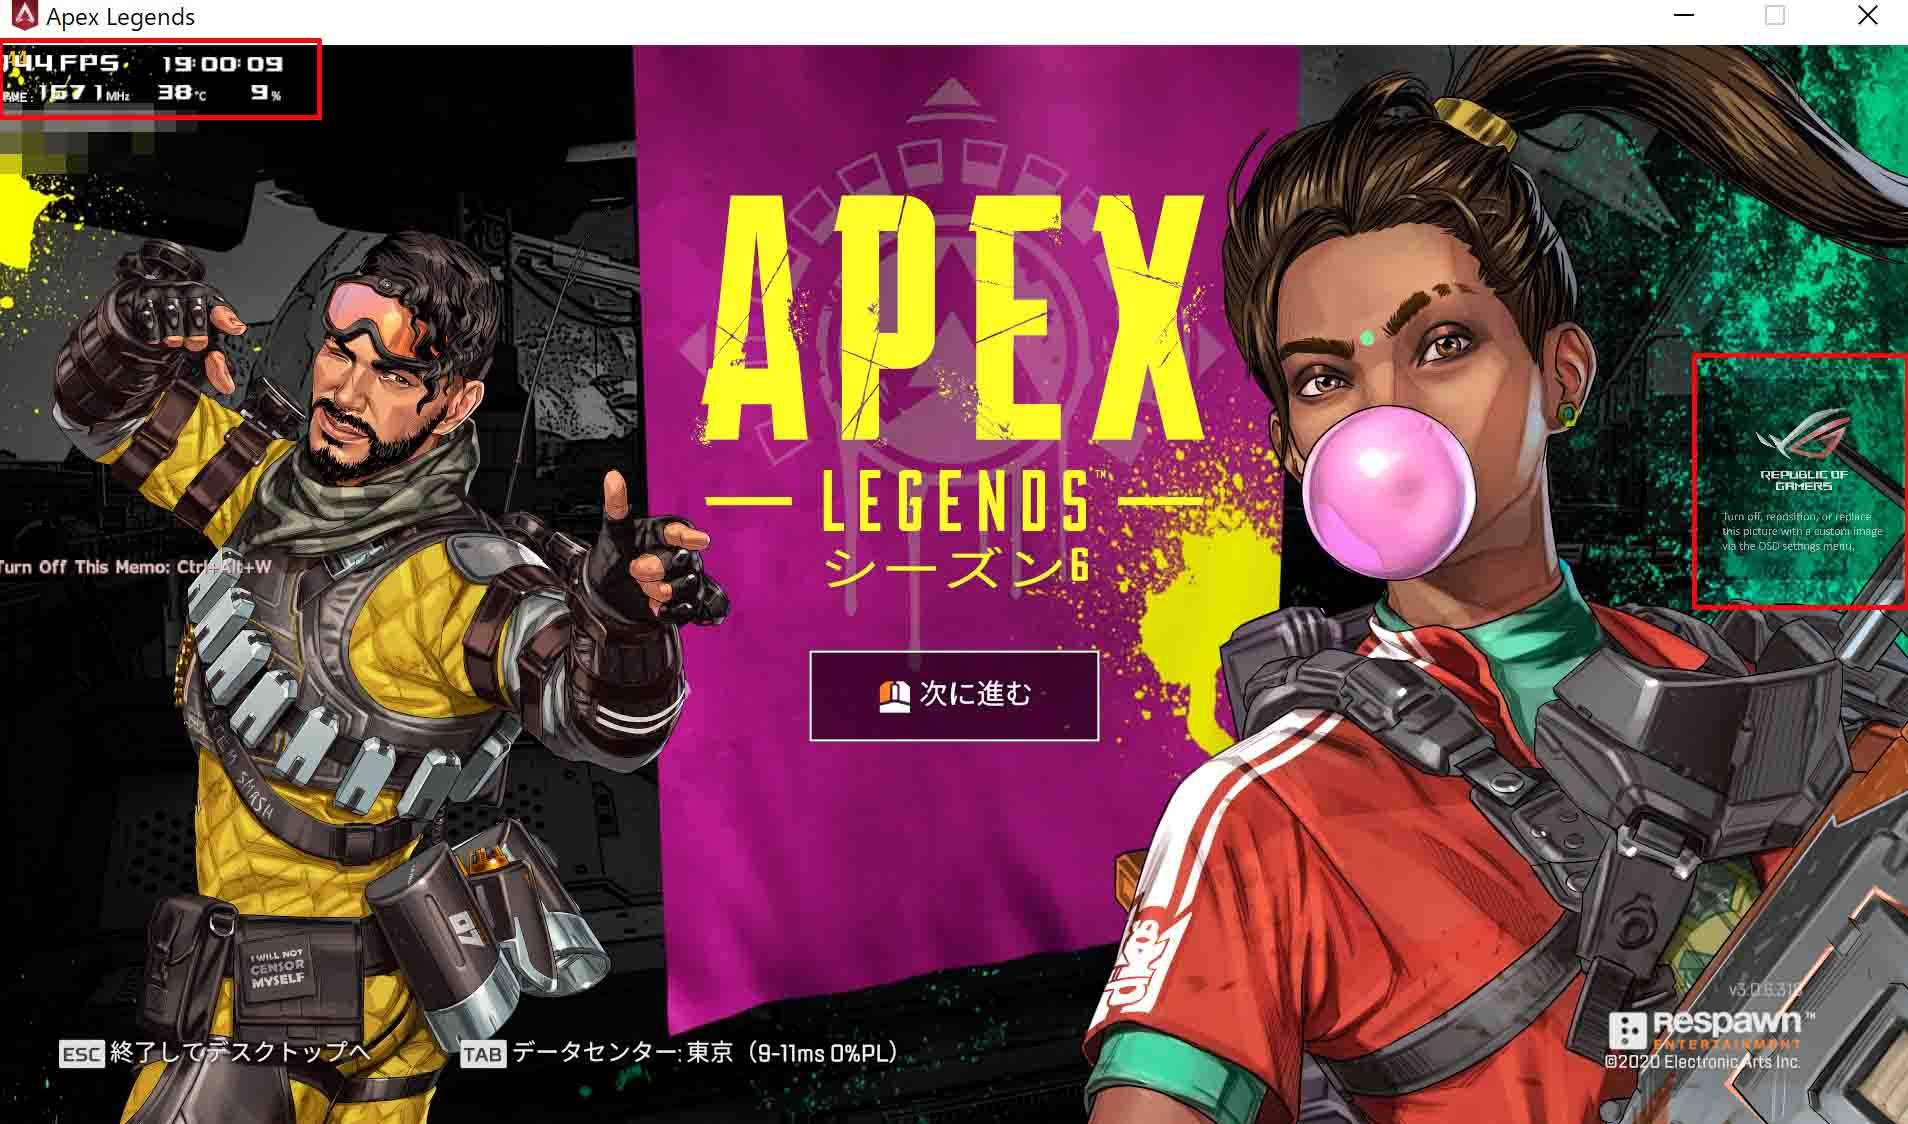 ゲーム起動時にturn off, reposition, or replace this picture with a custom image via the OSD settings menu